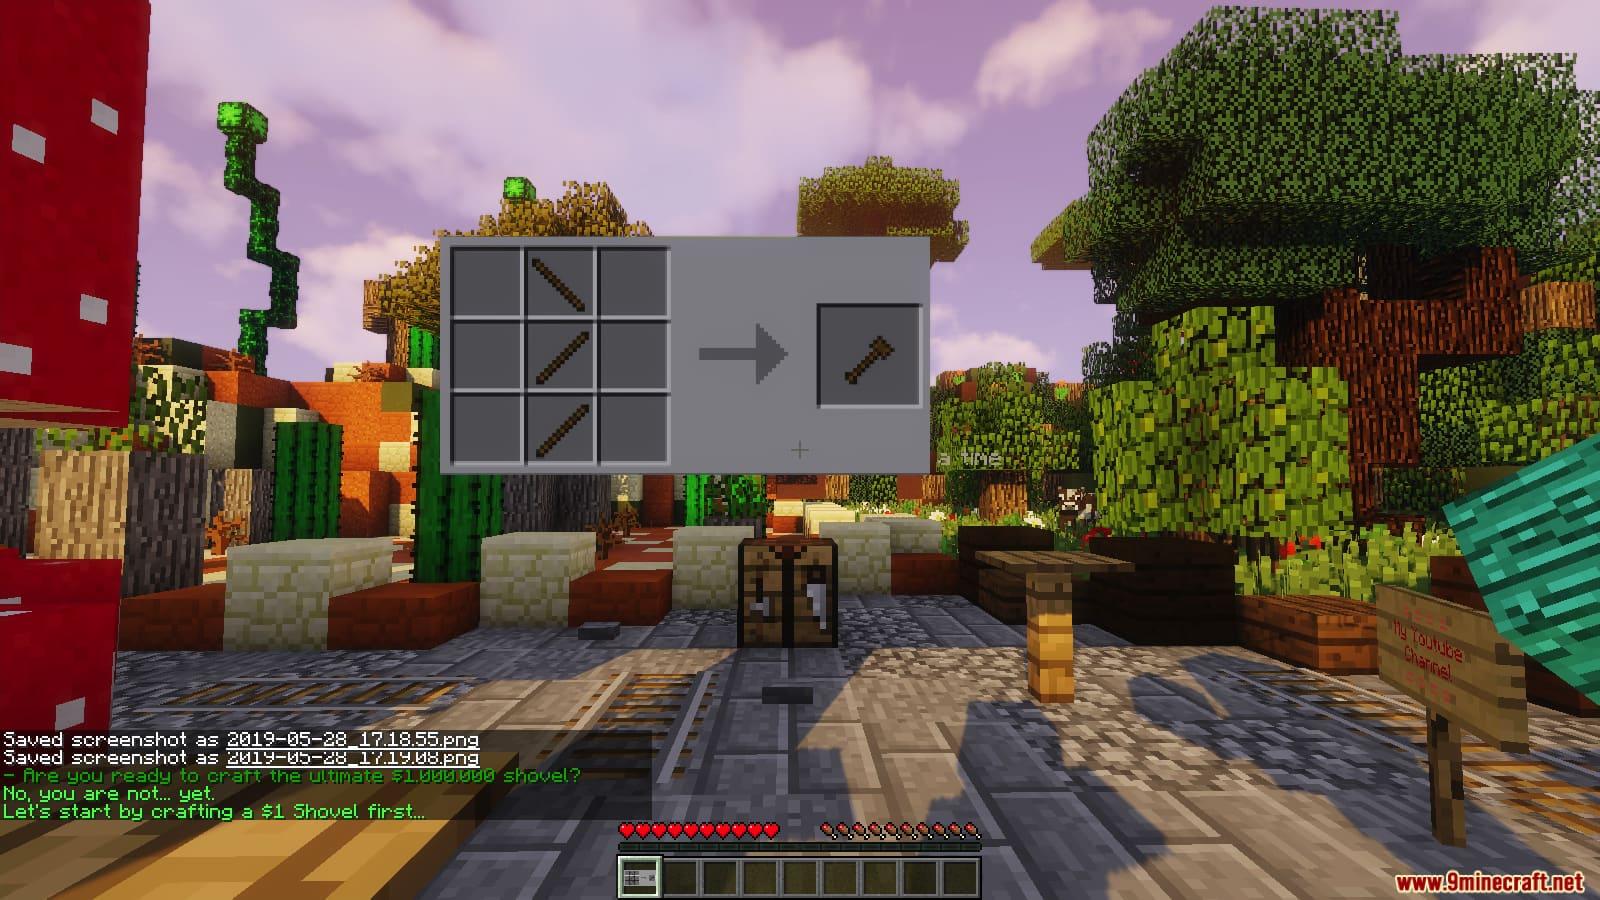 The Shovel Quest Map Capturas de pantalla 2